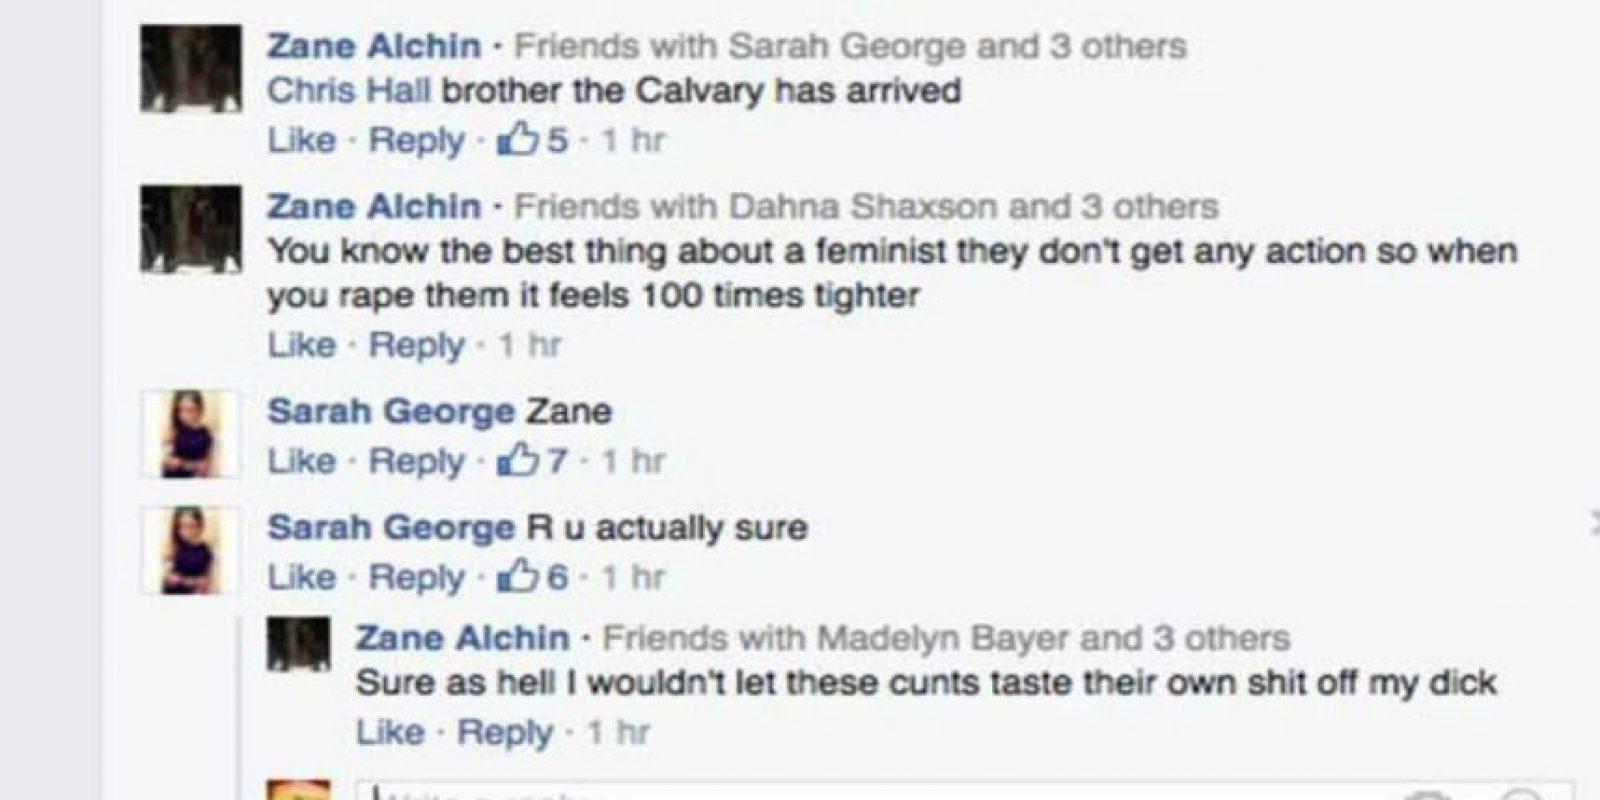 """""""¿Saben que lo mejor de una feminista es que no tienen nada de acción, entonces cuando abusas de ella se siente 100 veces más estrecha"""", comentó Zane Alchin. Foto:Facebook/Chris Hall"""